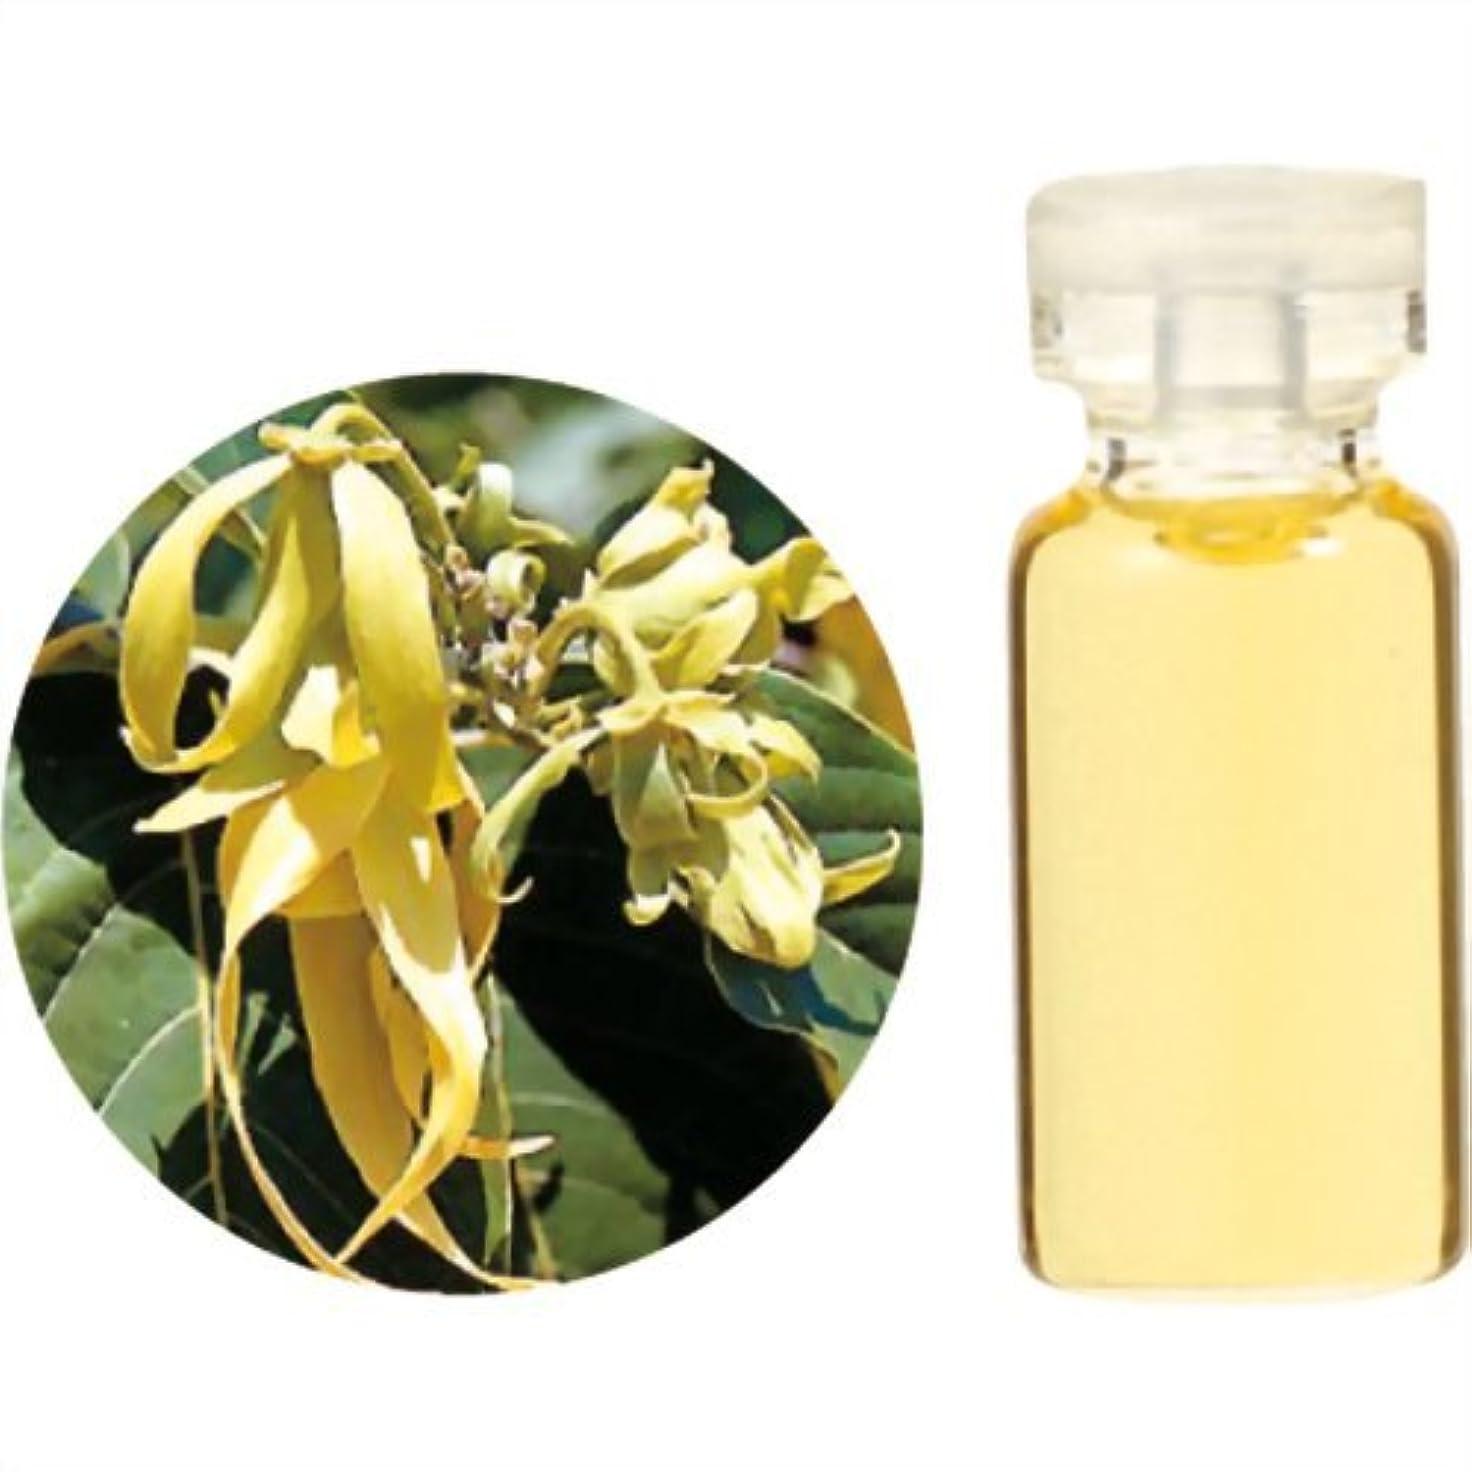 事前に審判潤滑する生活の木 Herbal Life イランイラン?エクストラ 10ml